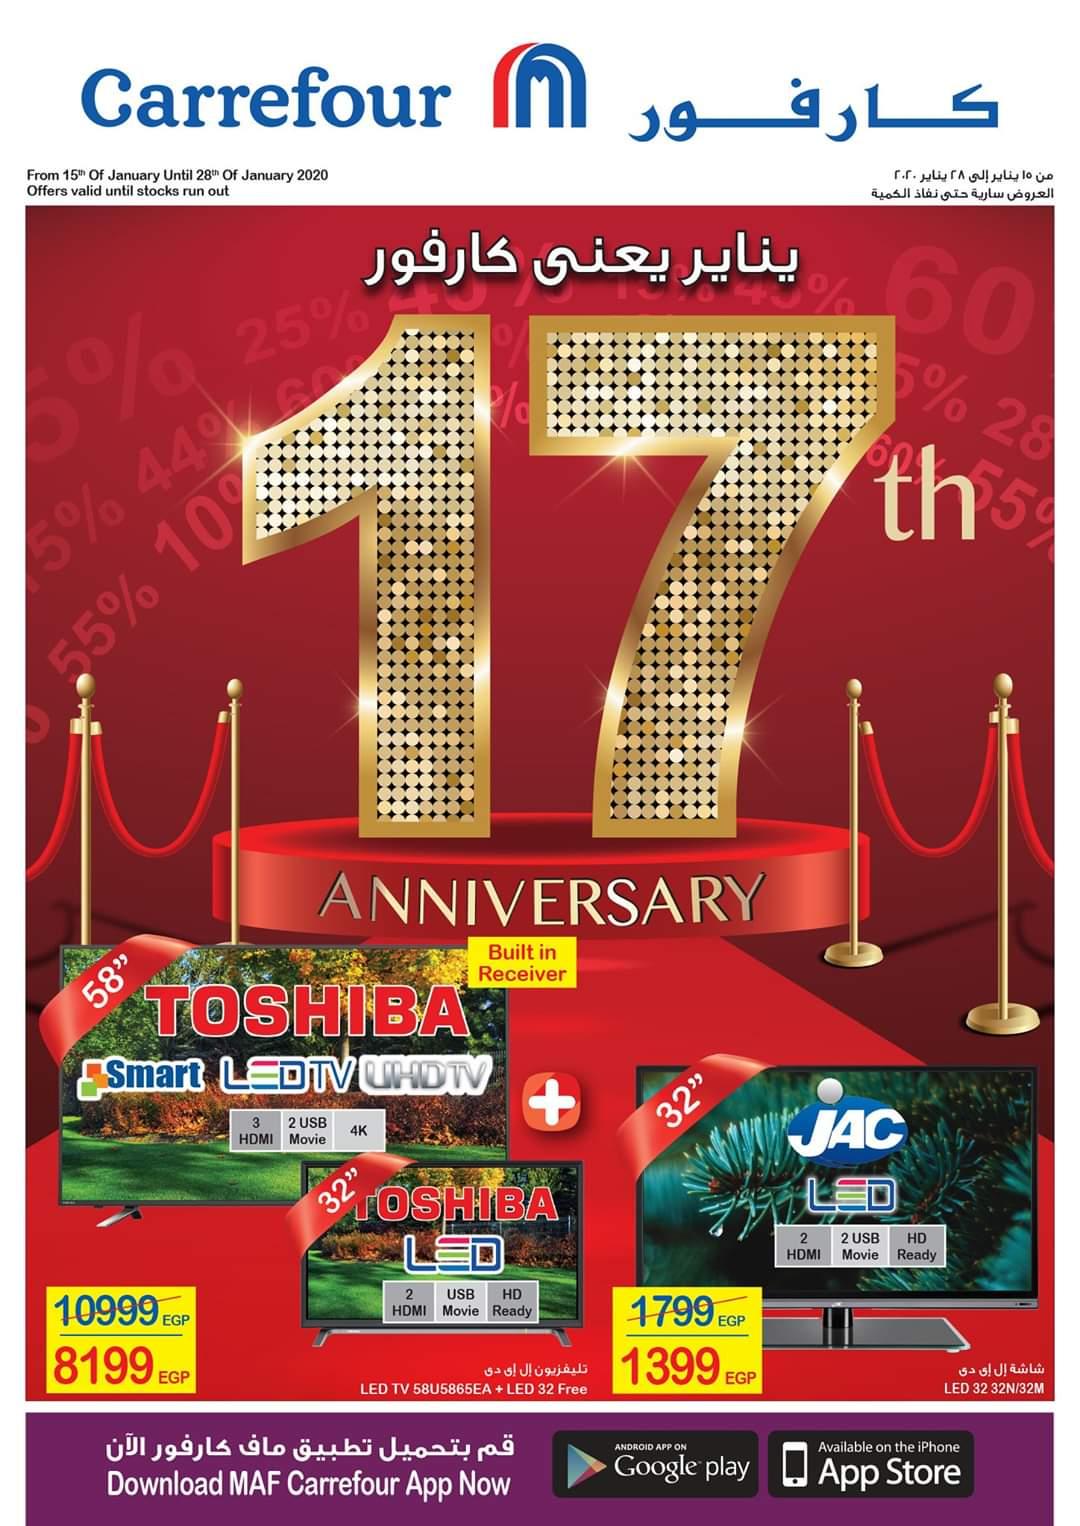 عروض عيد ميلاد كارفور مصر من 15 يناير حتي 28 يناير 2020 هايبرماركت العرض الثاني